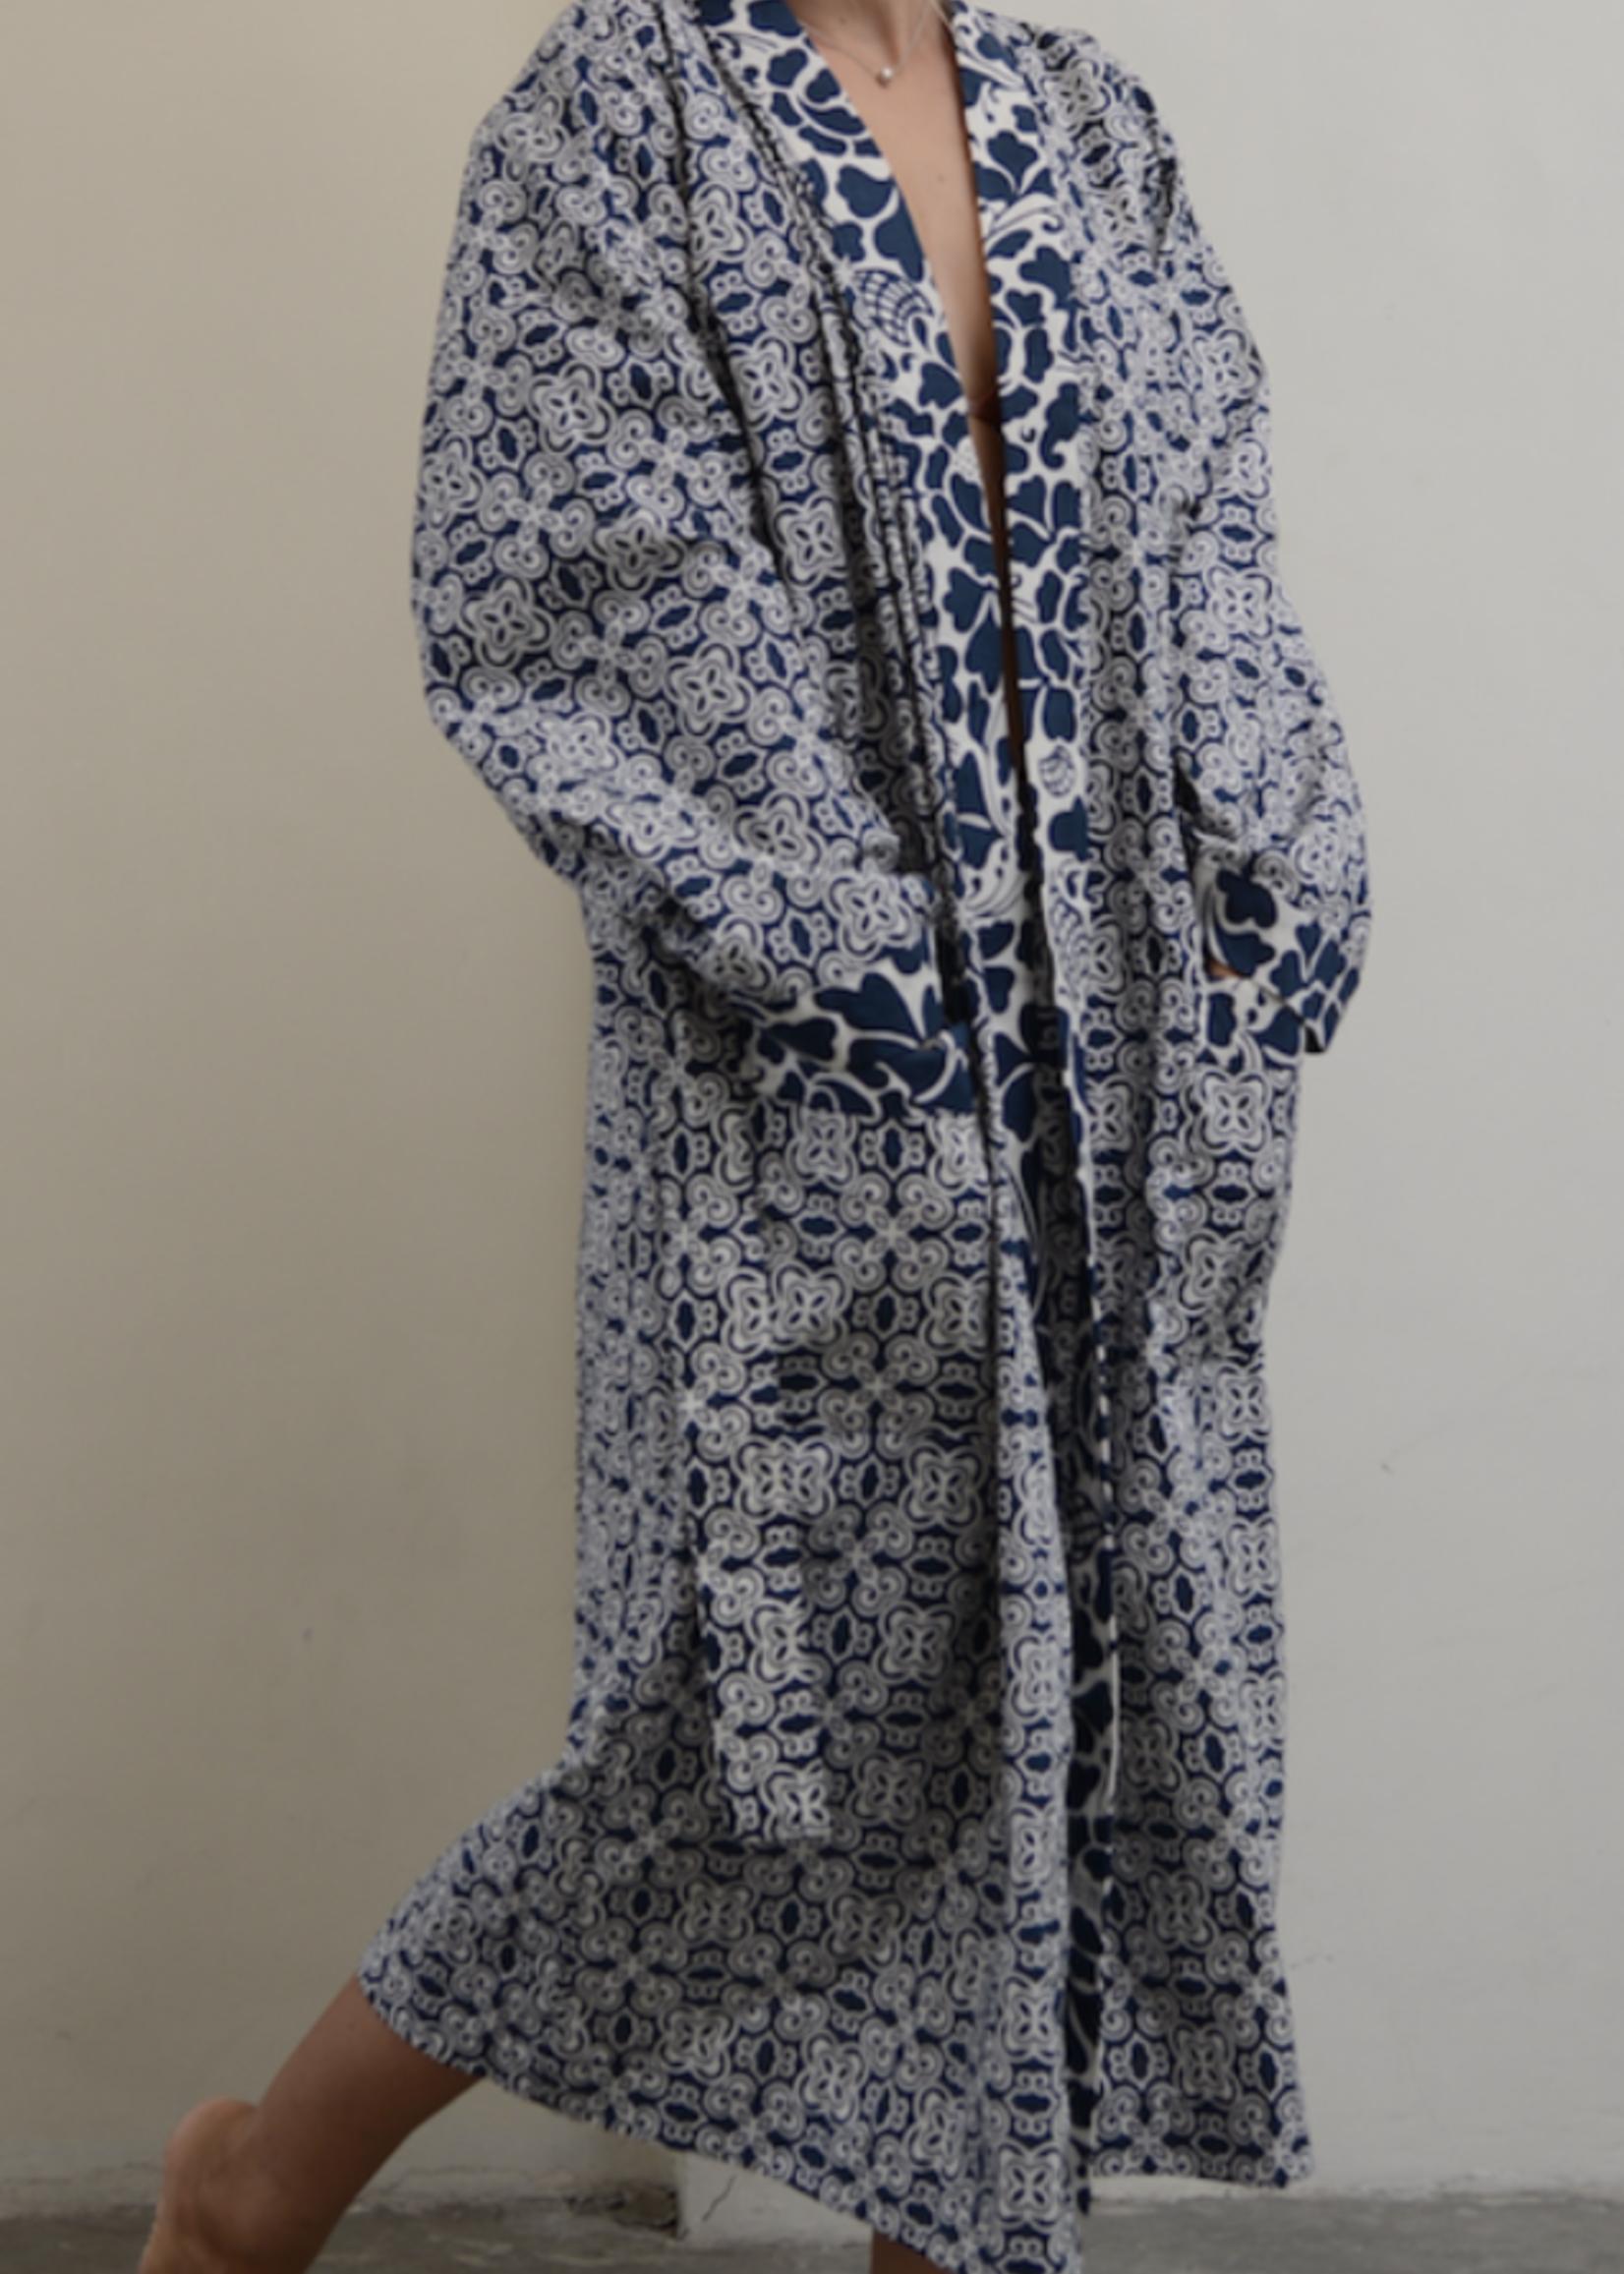 Balizen by zen zen garden home Cotton Kimono Robes